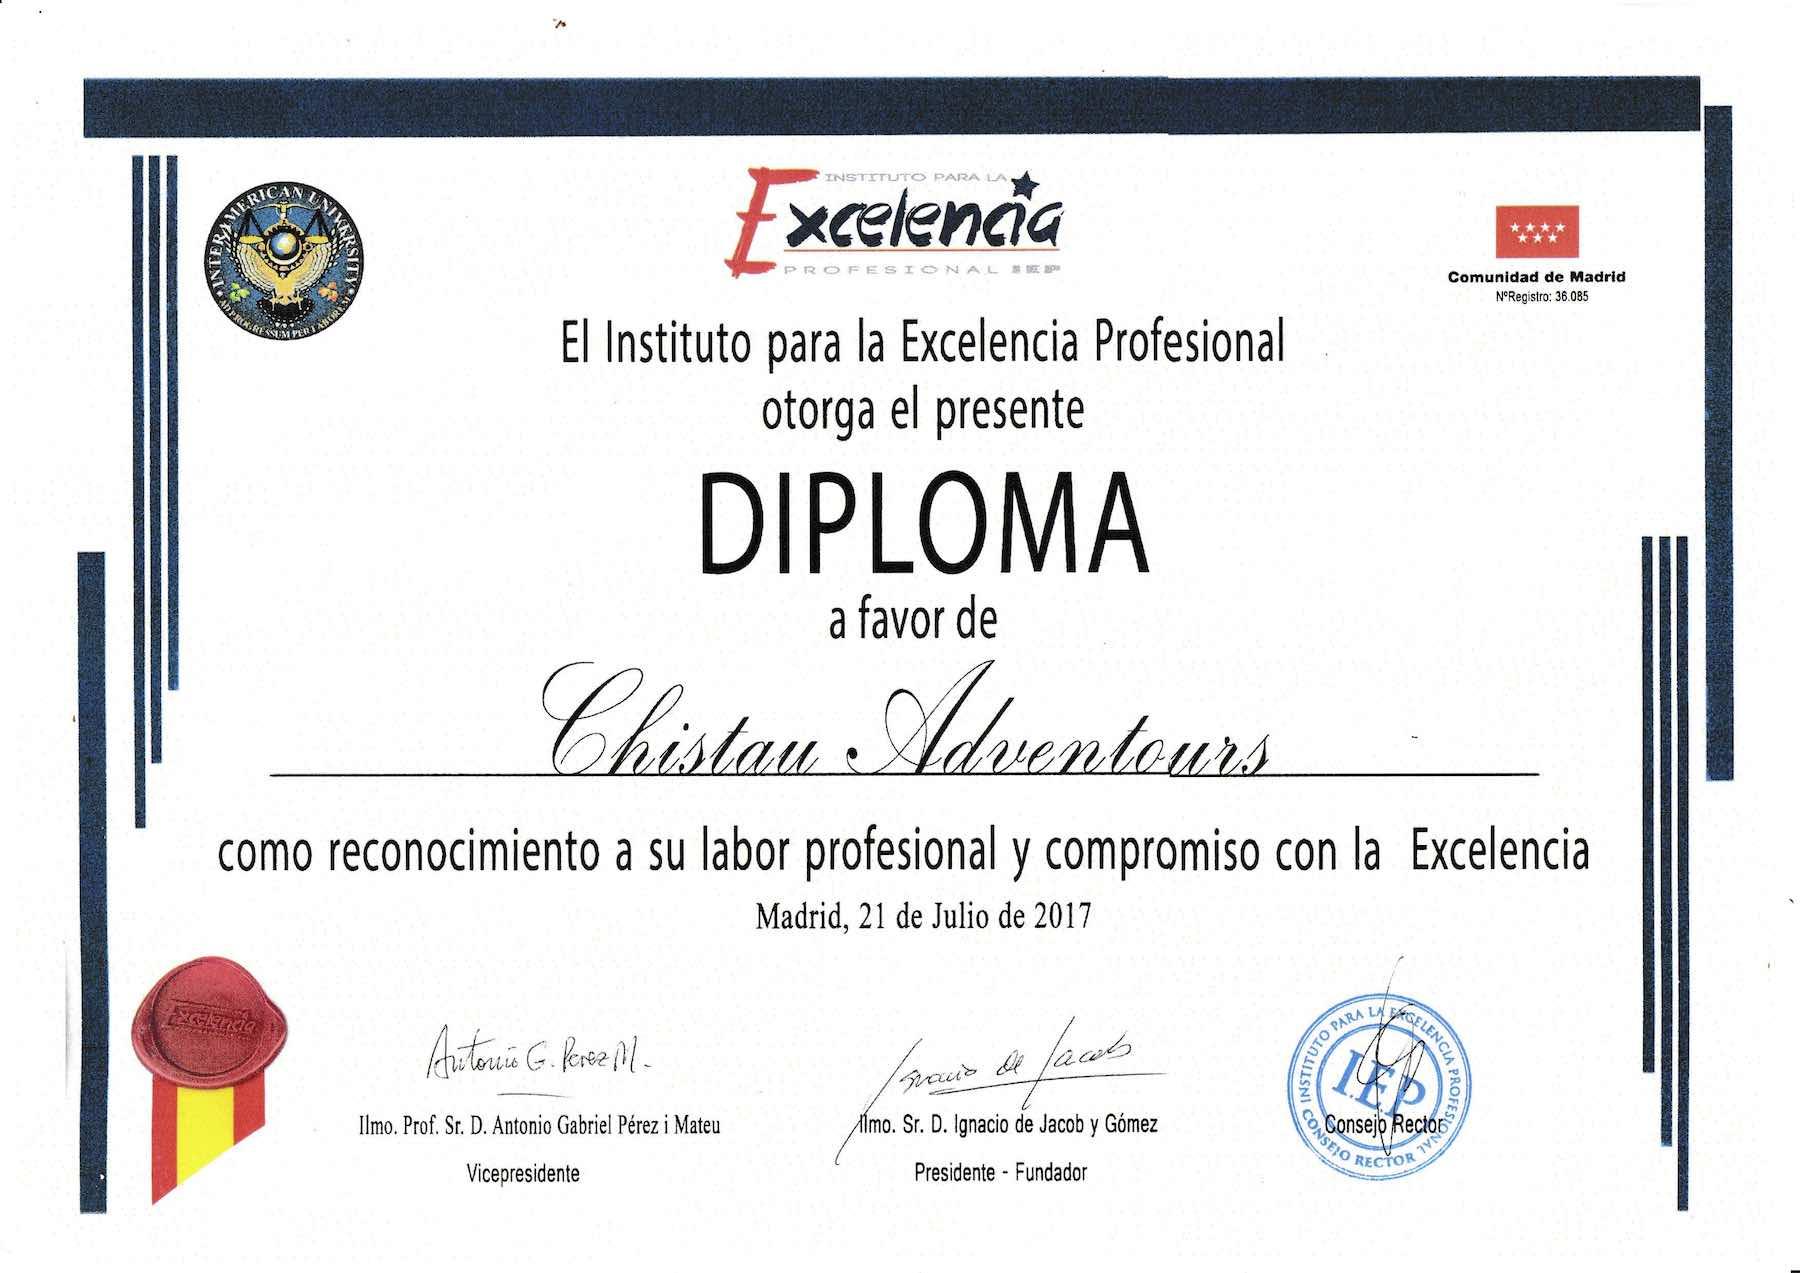 Diploma y Estrella de oro del Instituto para la Excelencia Profesional